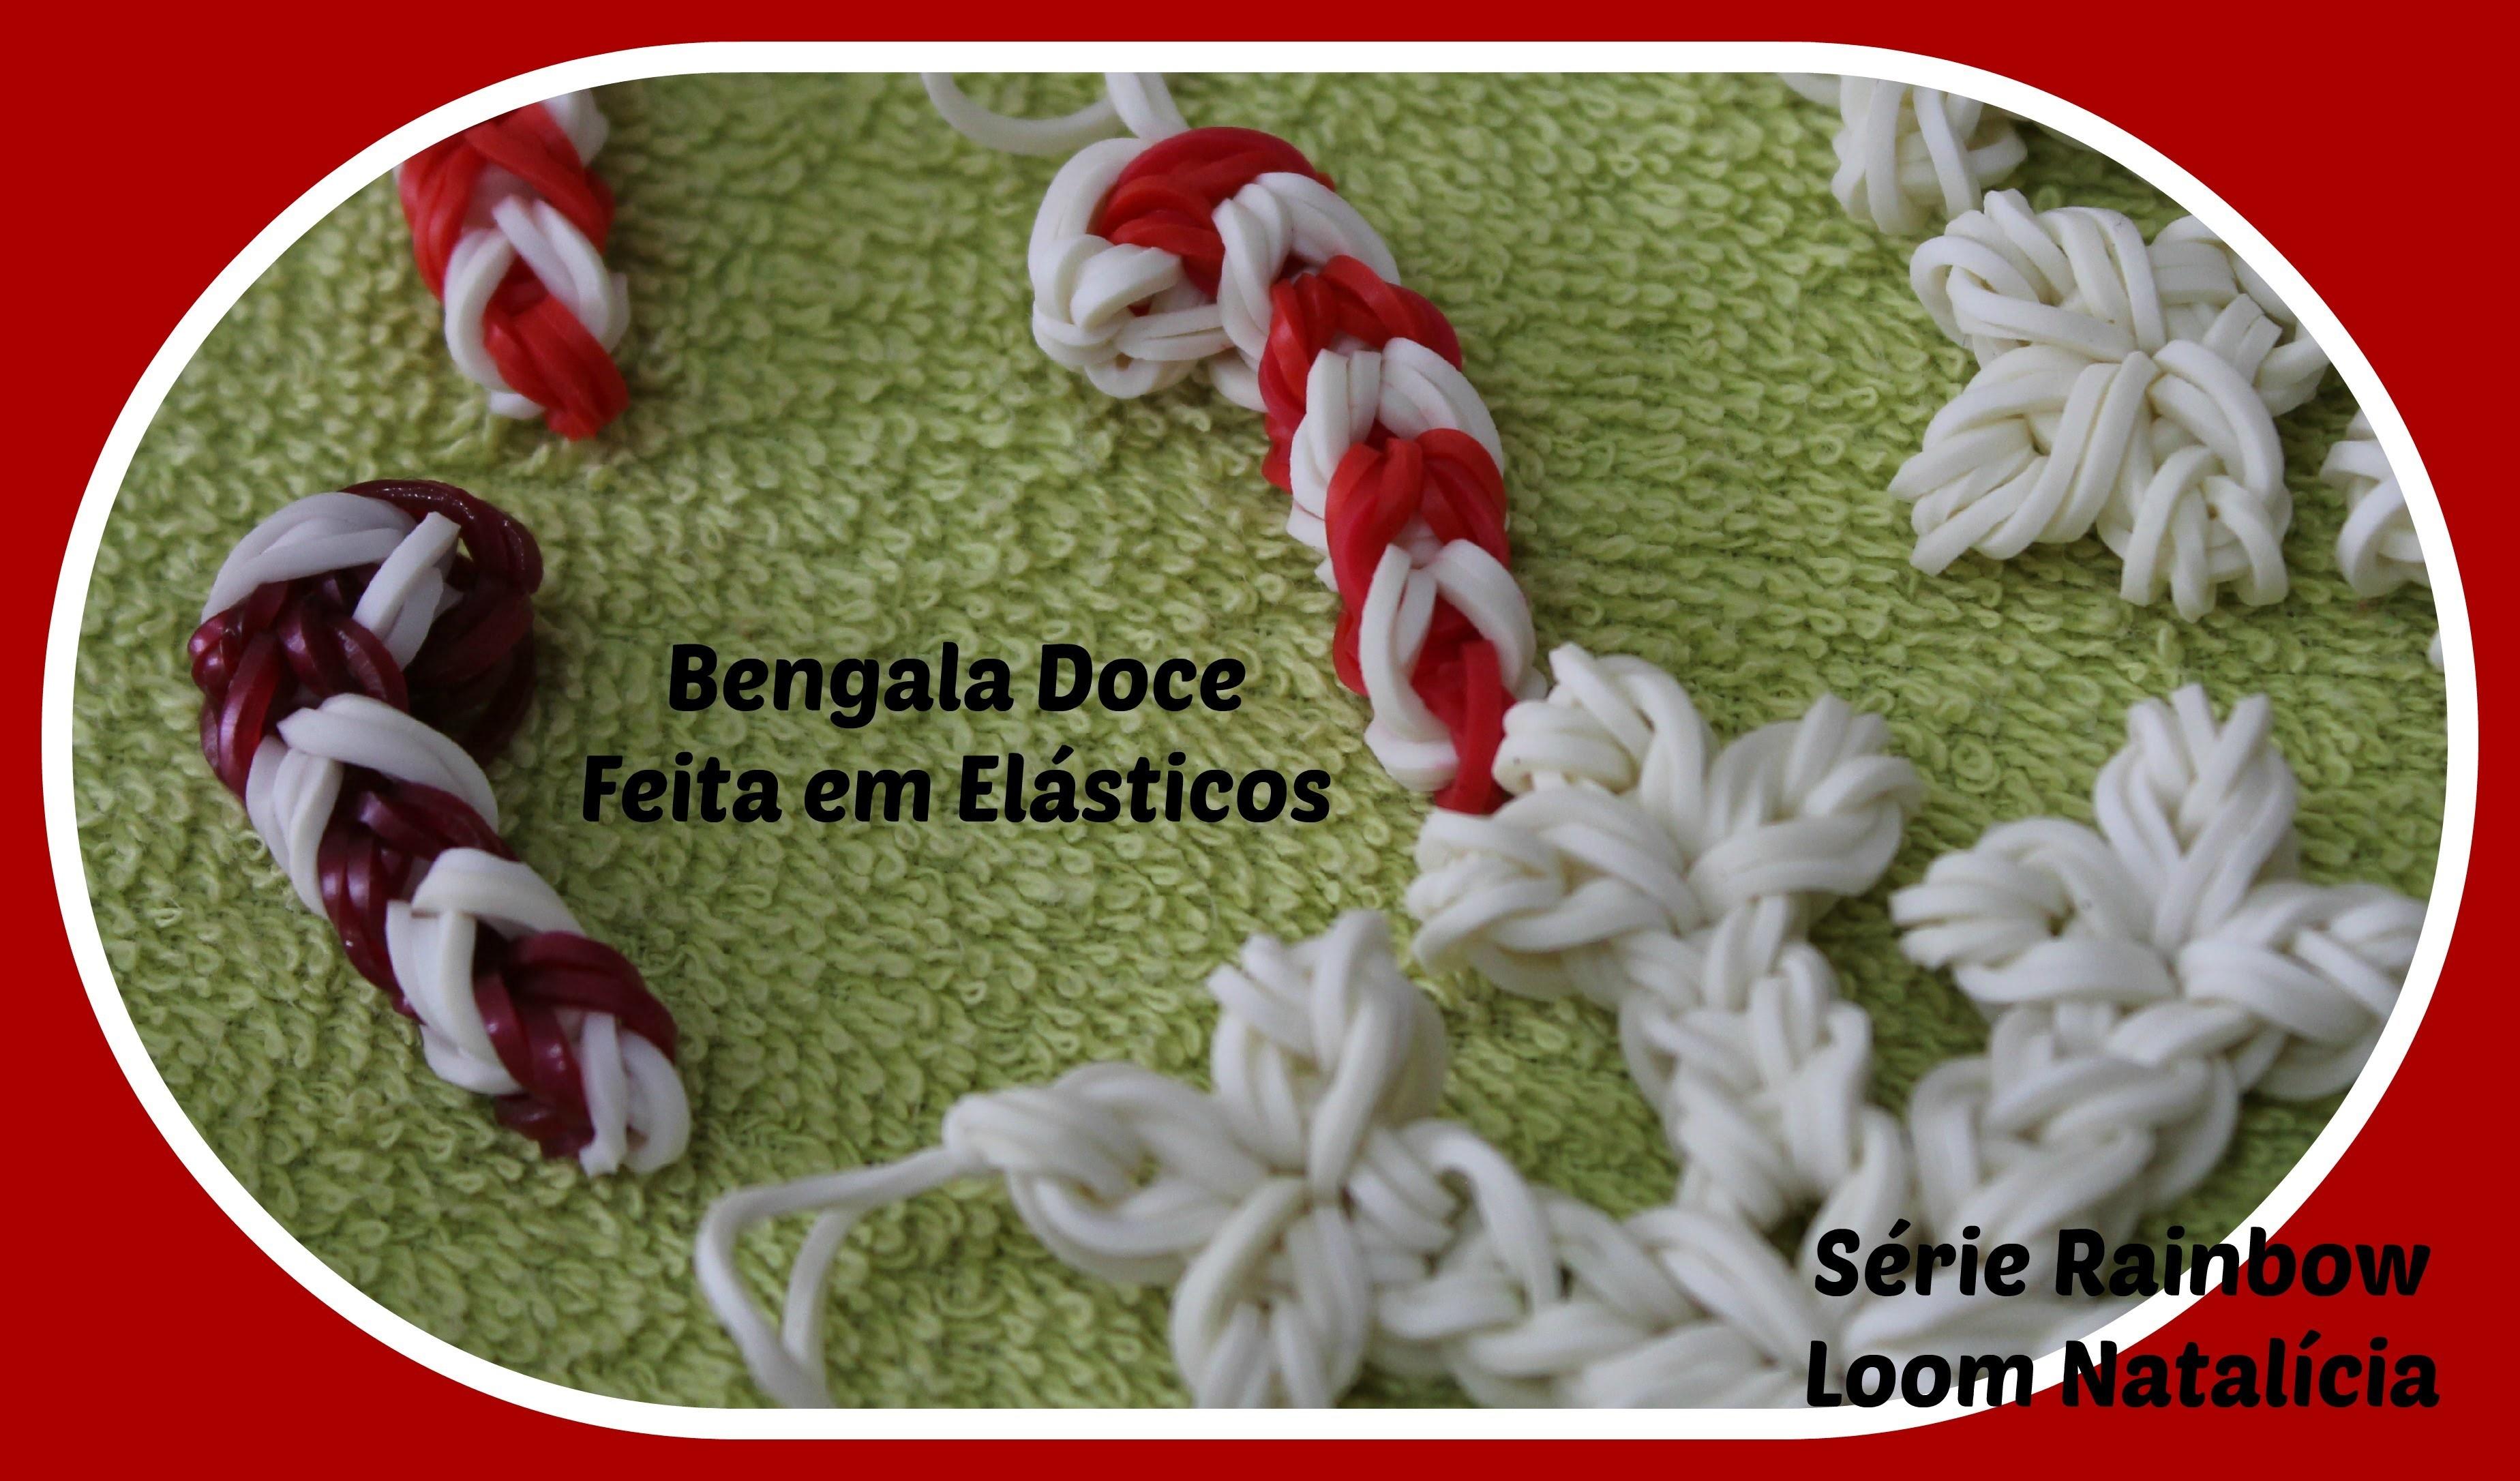 Decorações de Natal.  Bengala Doce